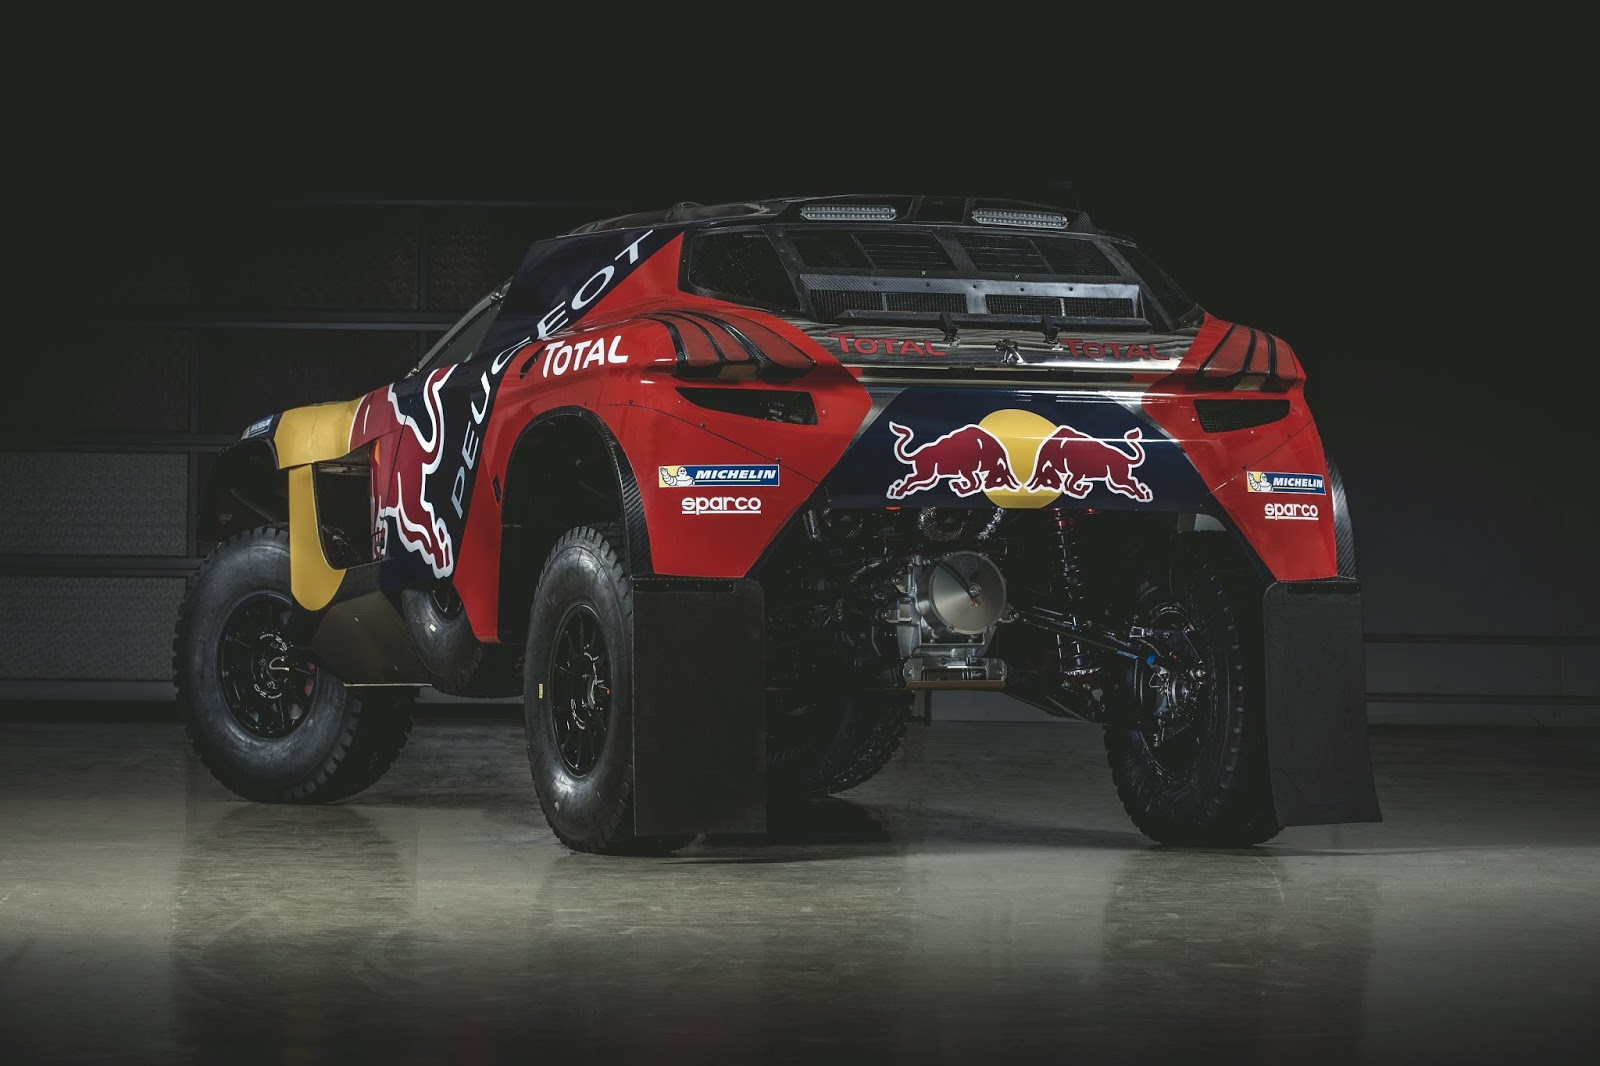 P 20151202 00242 News Το PEUGEOT 2008DKR στα χρώματα του πολέμου! Peugeot, Peugeot 2008 DKR, Peugeot 2008 DKR16, Rally Dakar